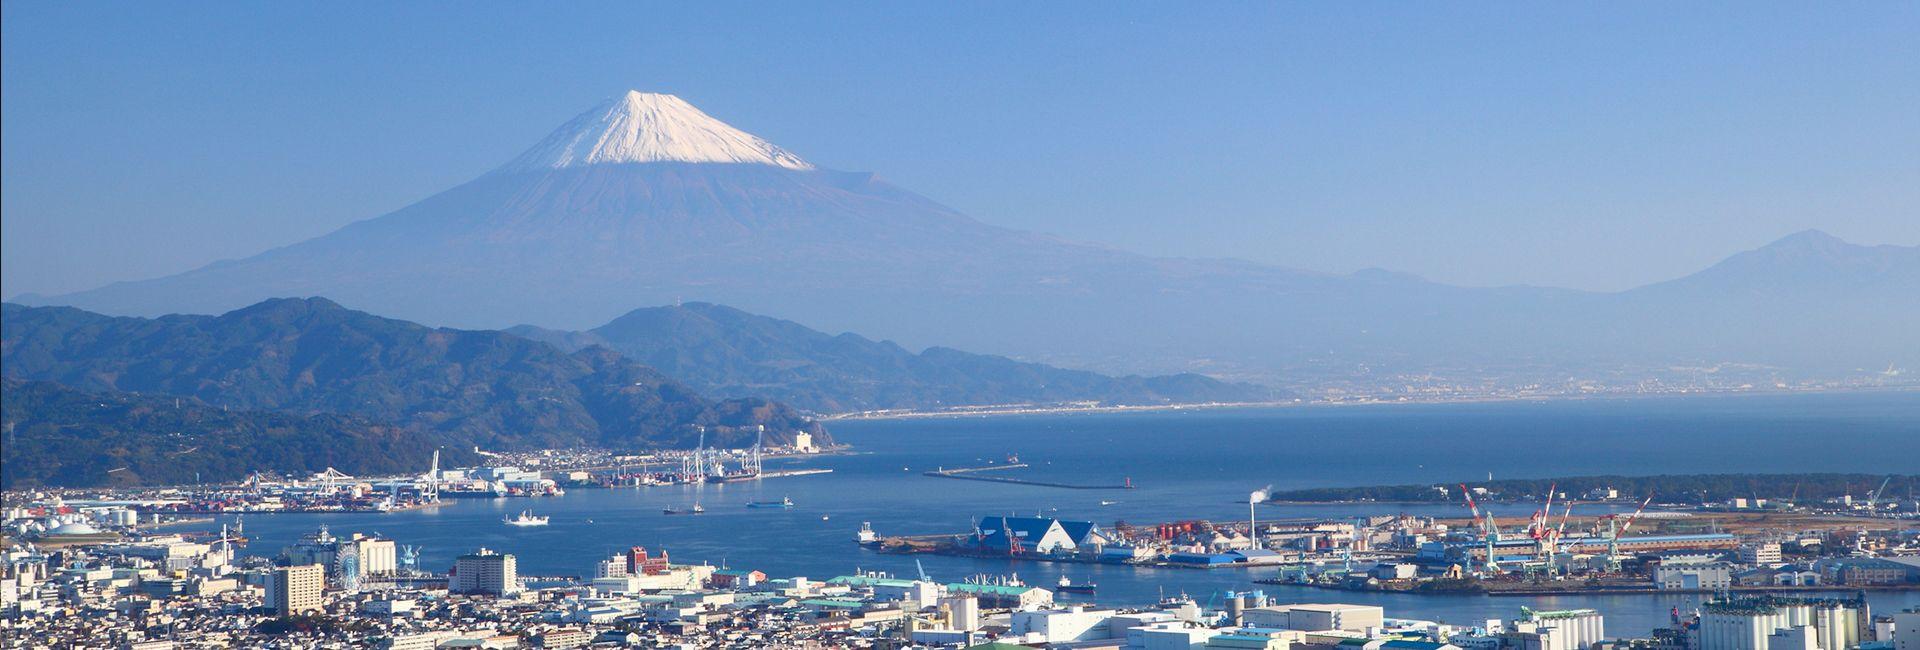 Shizuoka port and Mount Fuji